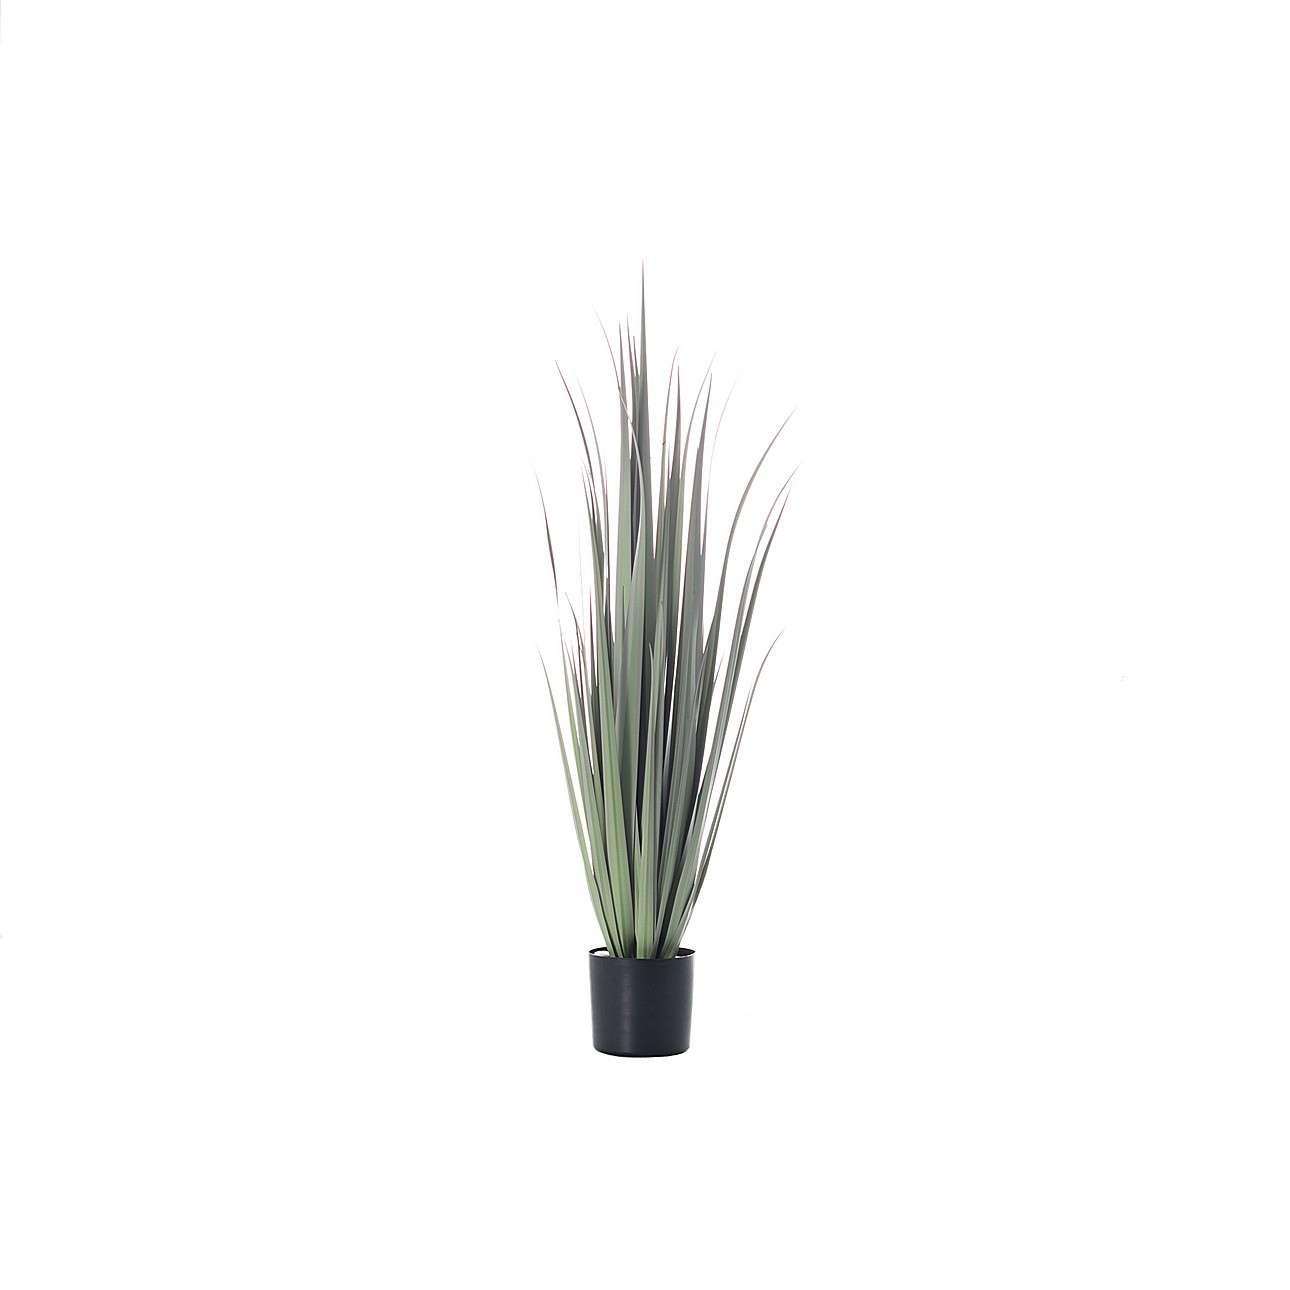 Dekoration Grass 92cm